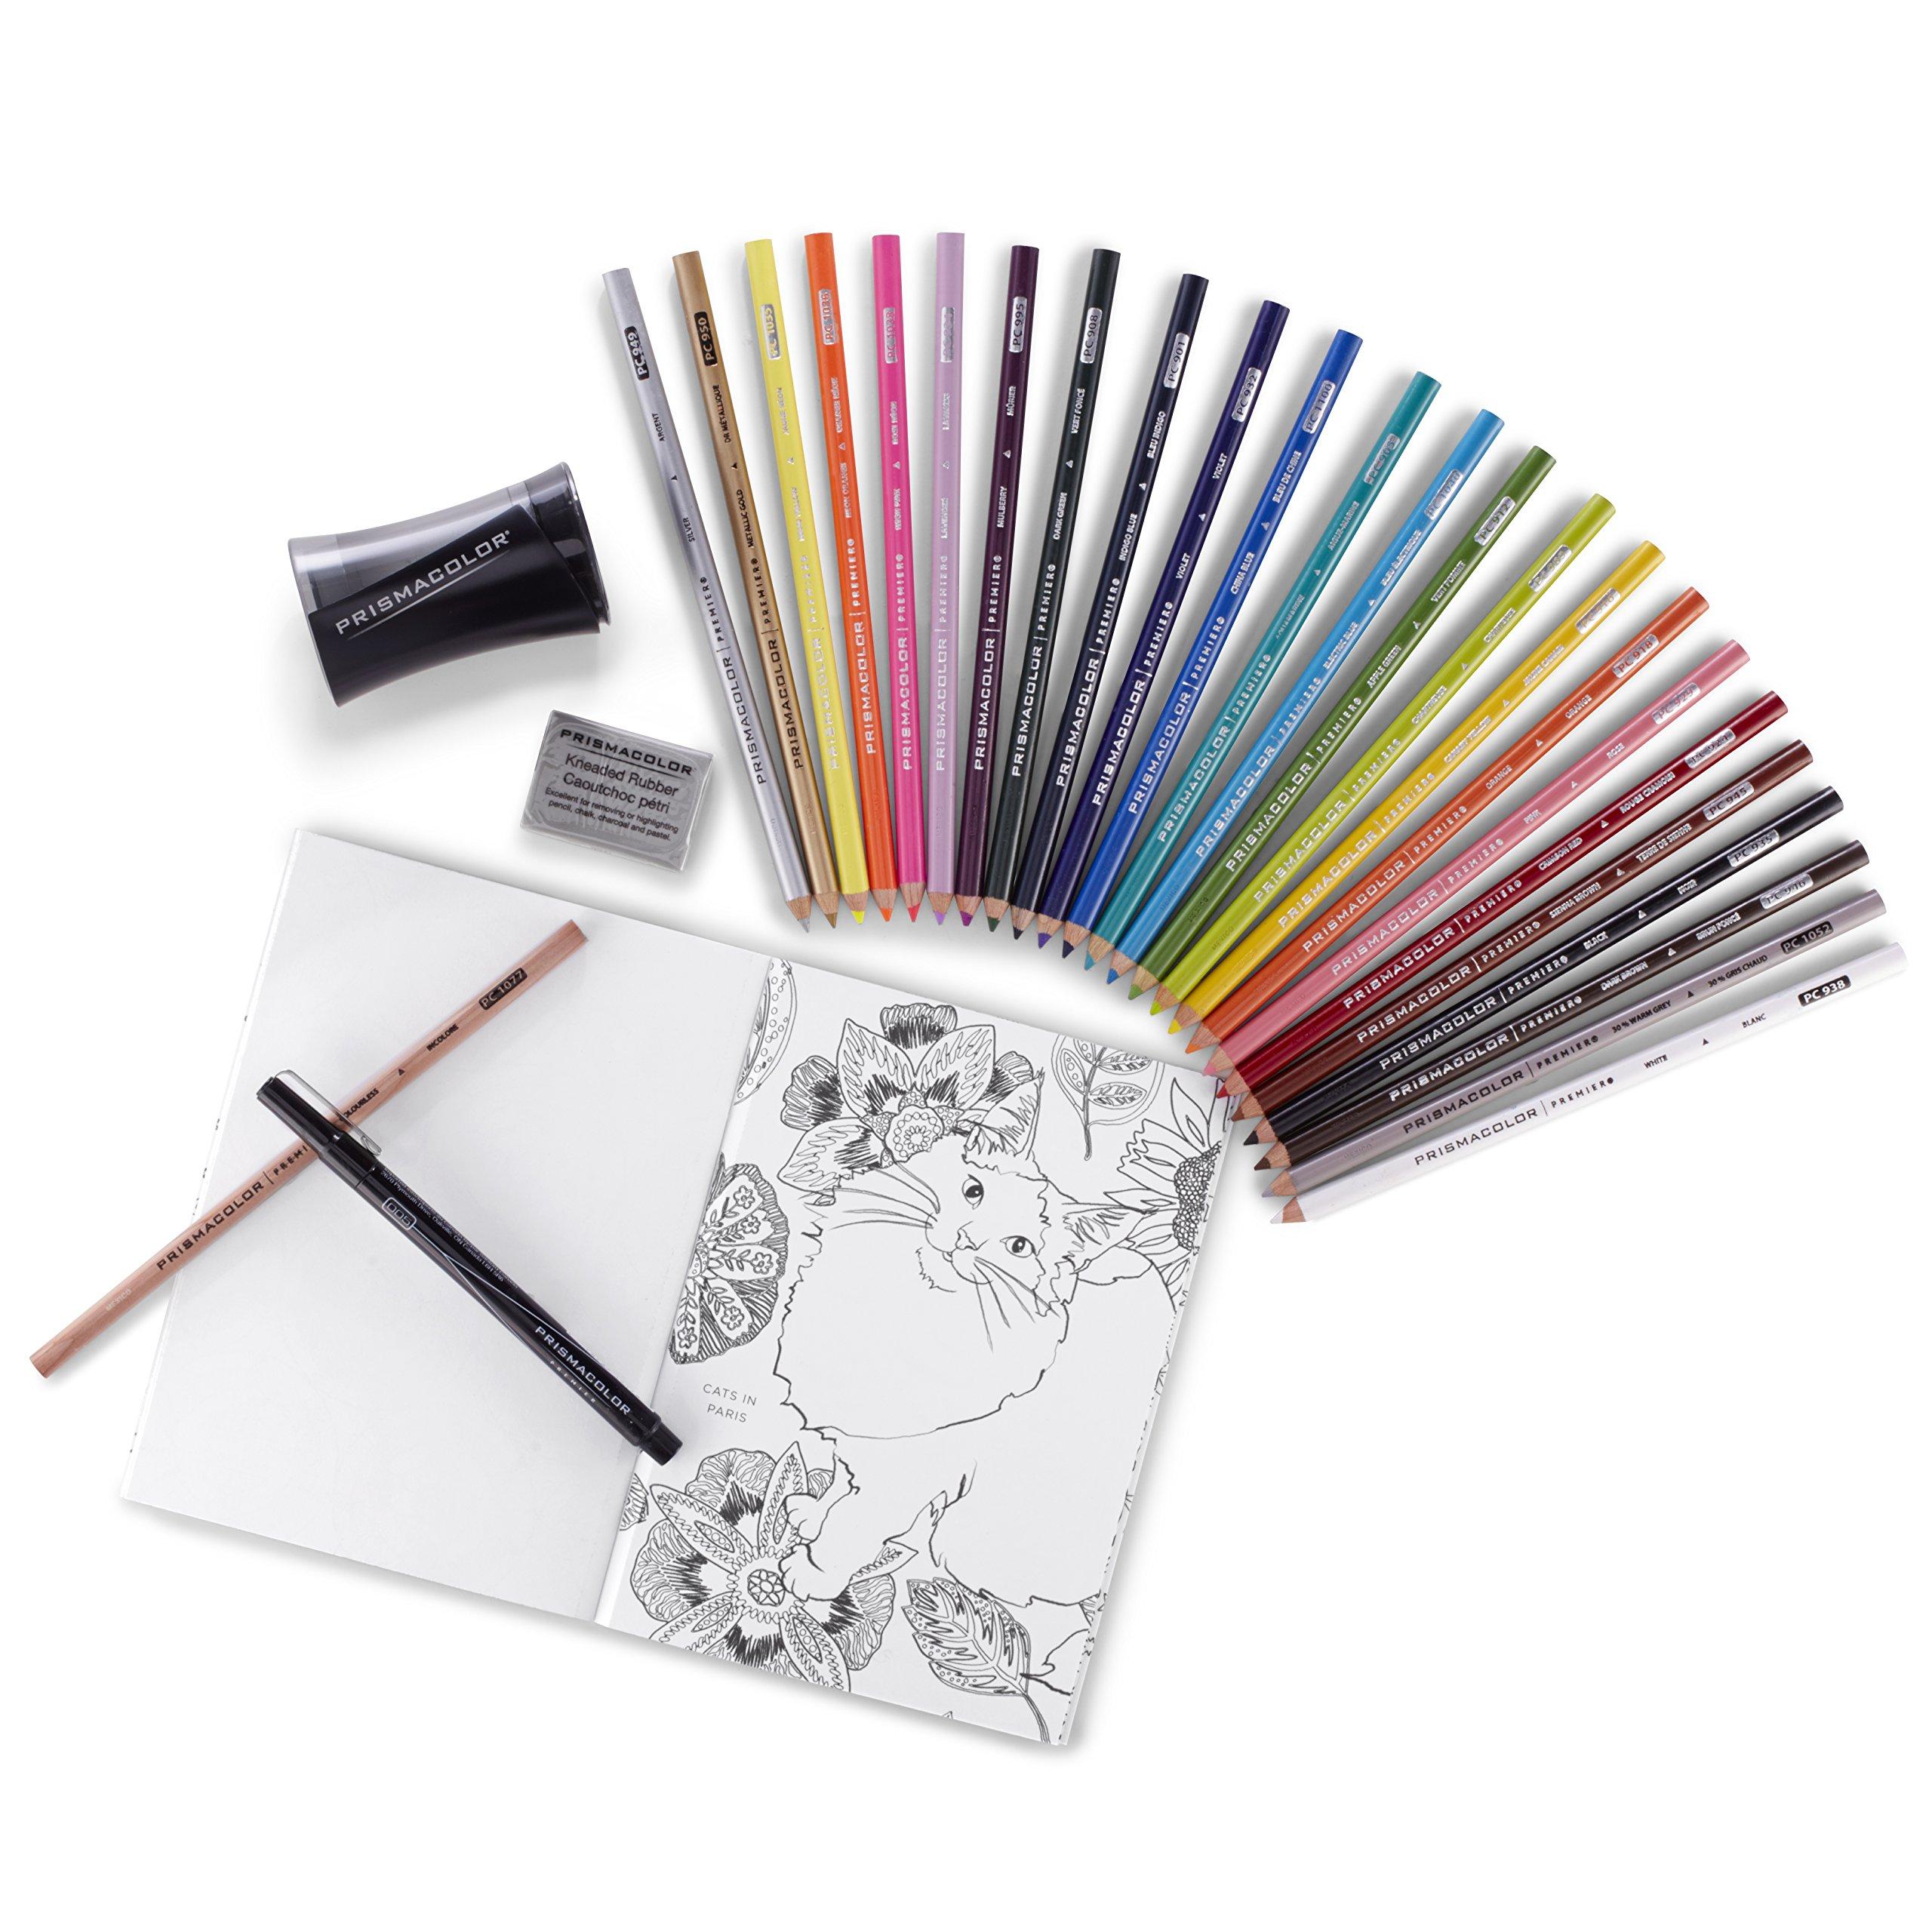 Prismacolor 1978739 Premier Pencils Adult Coloring Kit with Blender, Art Marker, Eraser, Sharpener & Booklet, 29 Piece